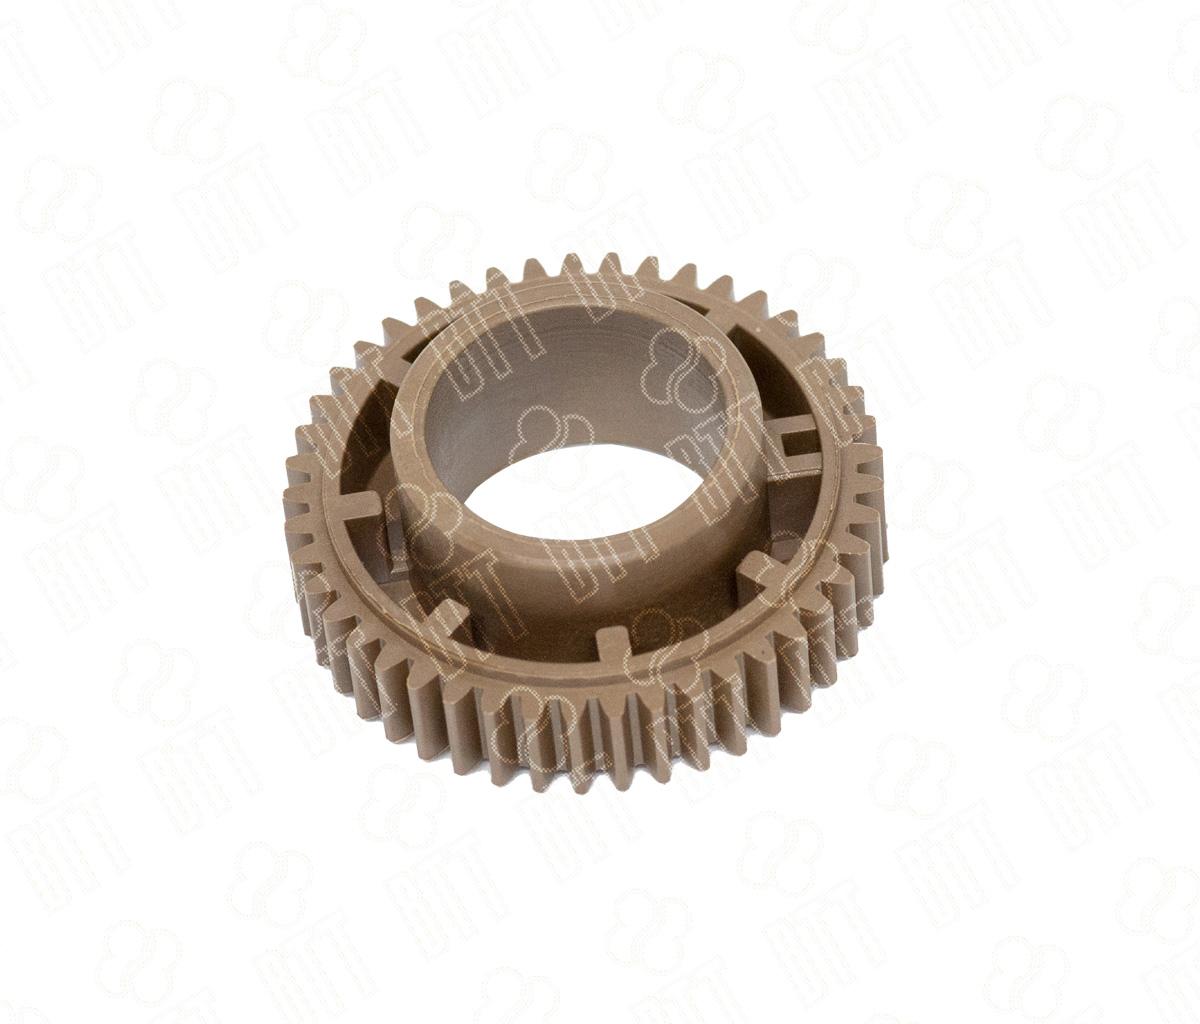 Шестерня тефлонового вала для SamsungML-1630/1910/2570/SCX-4725FN/4828/4824 (совм)